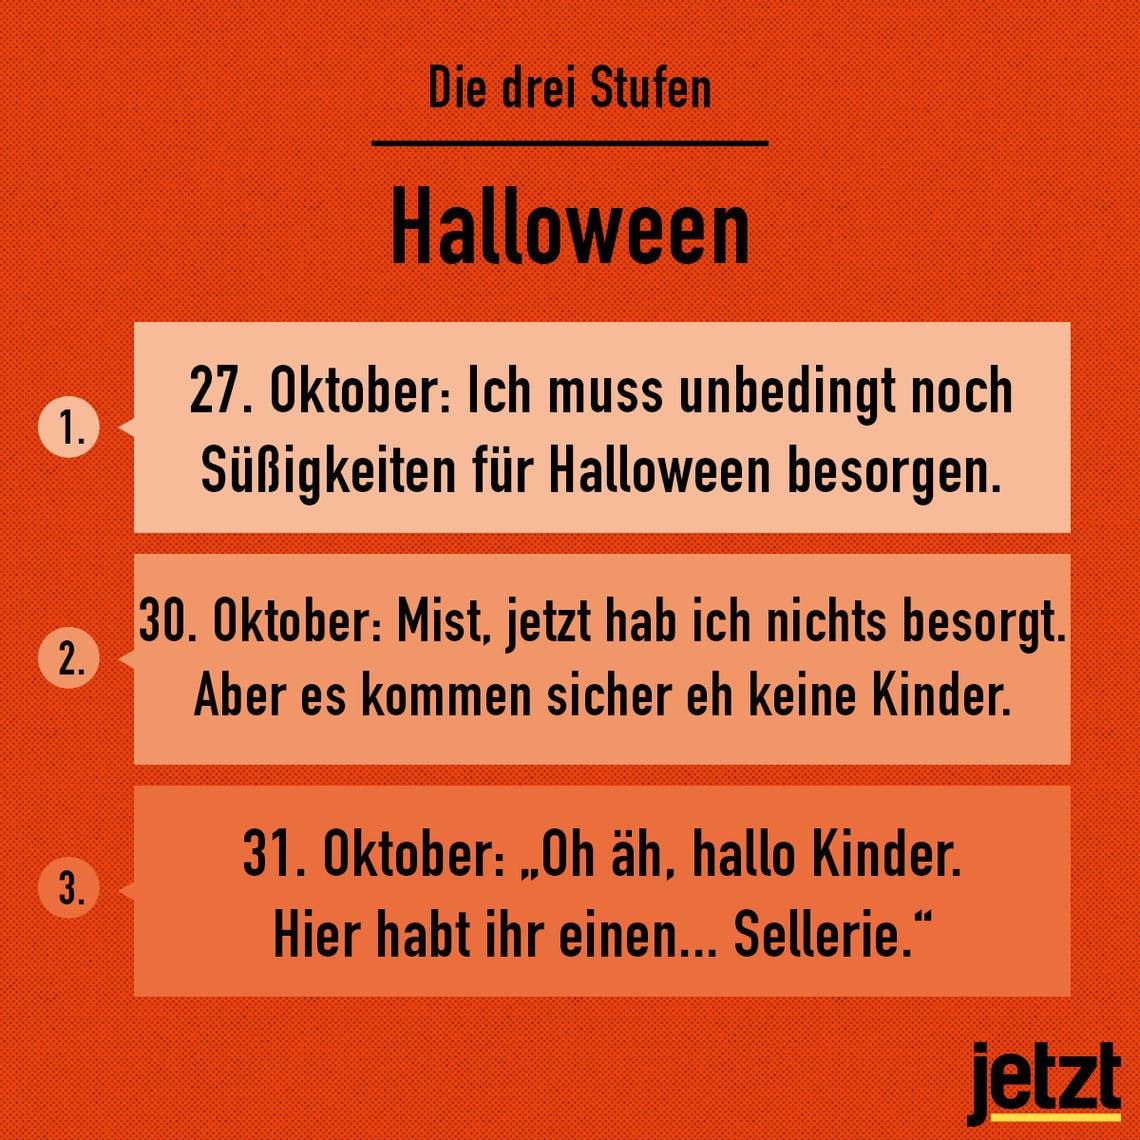 3stufen halloween2